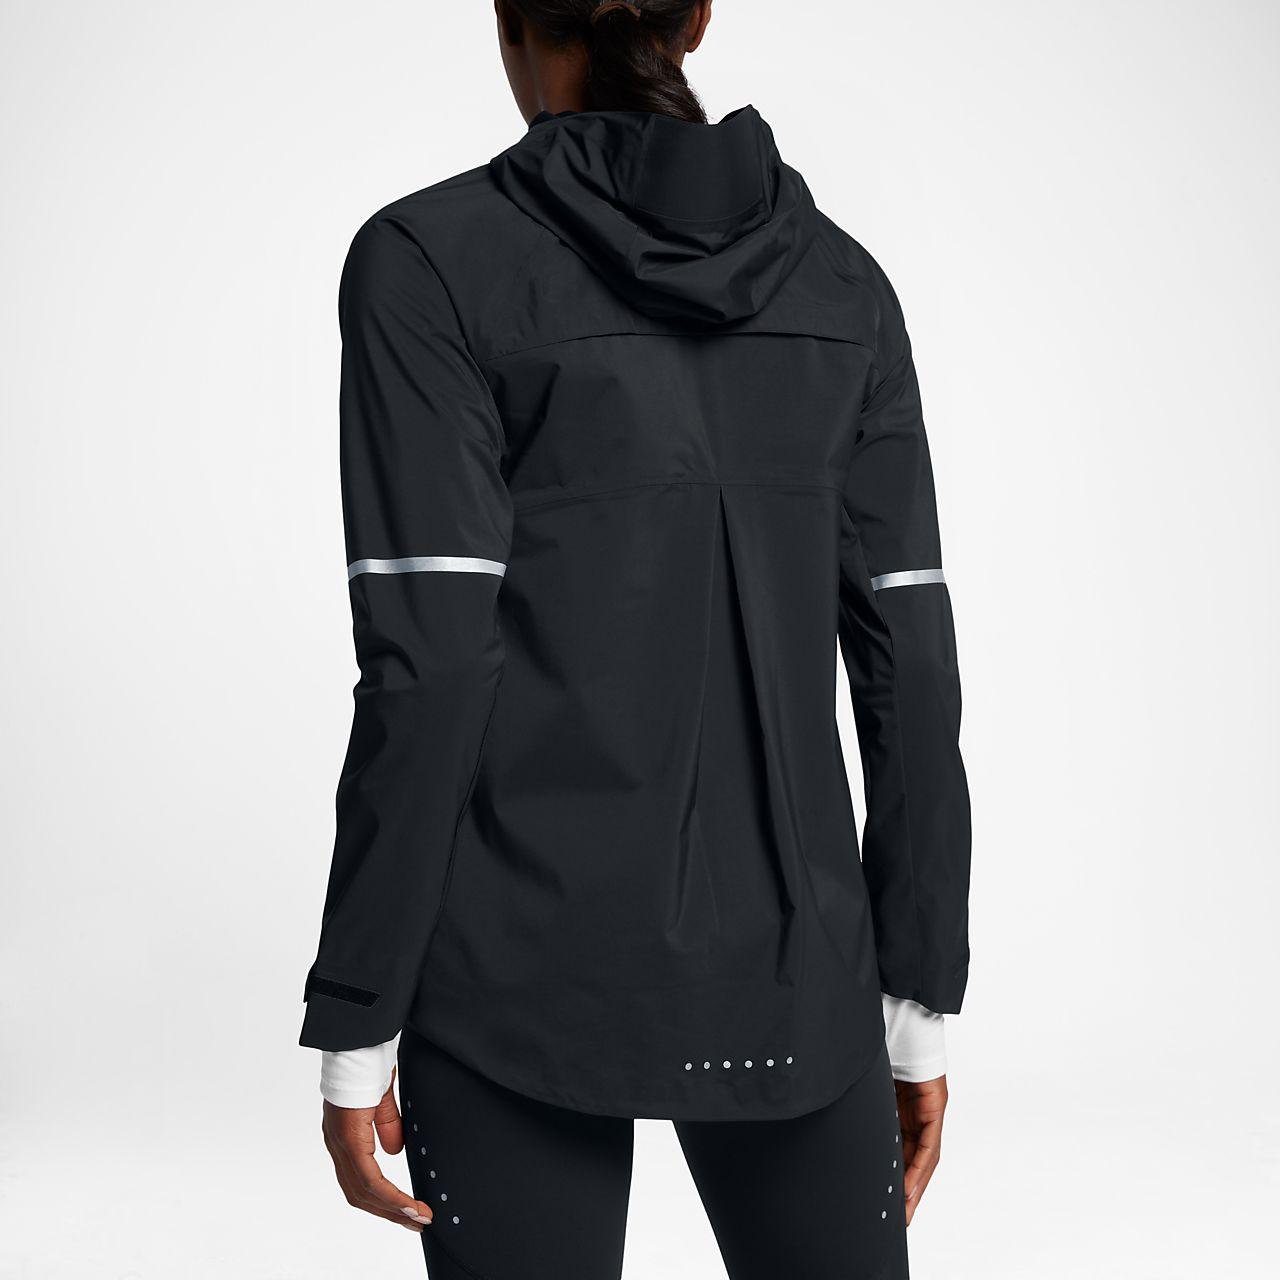 Nike Running Femmes Veste